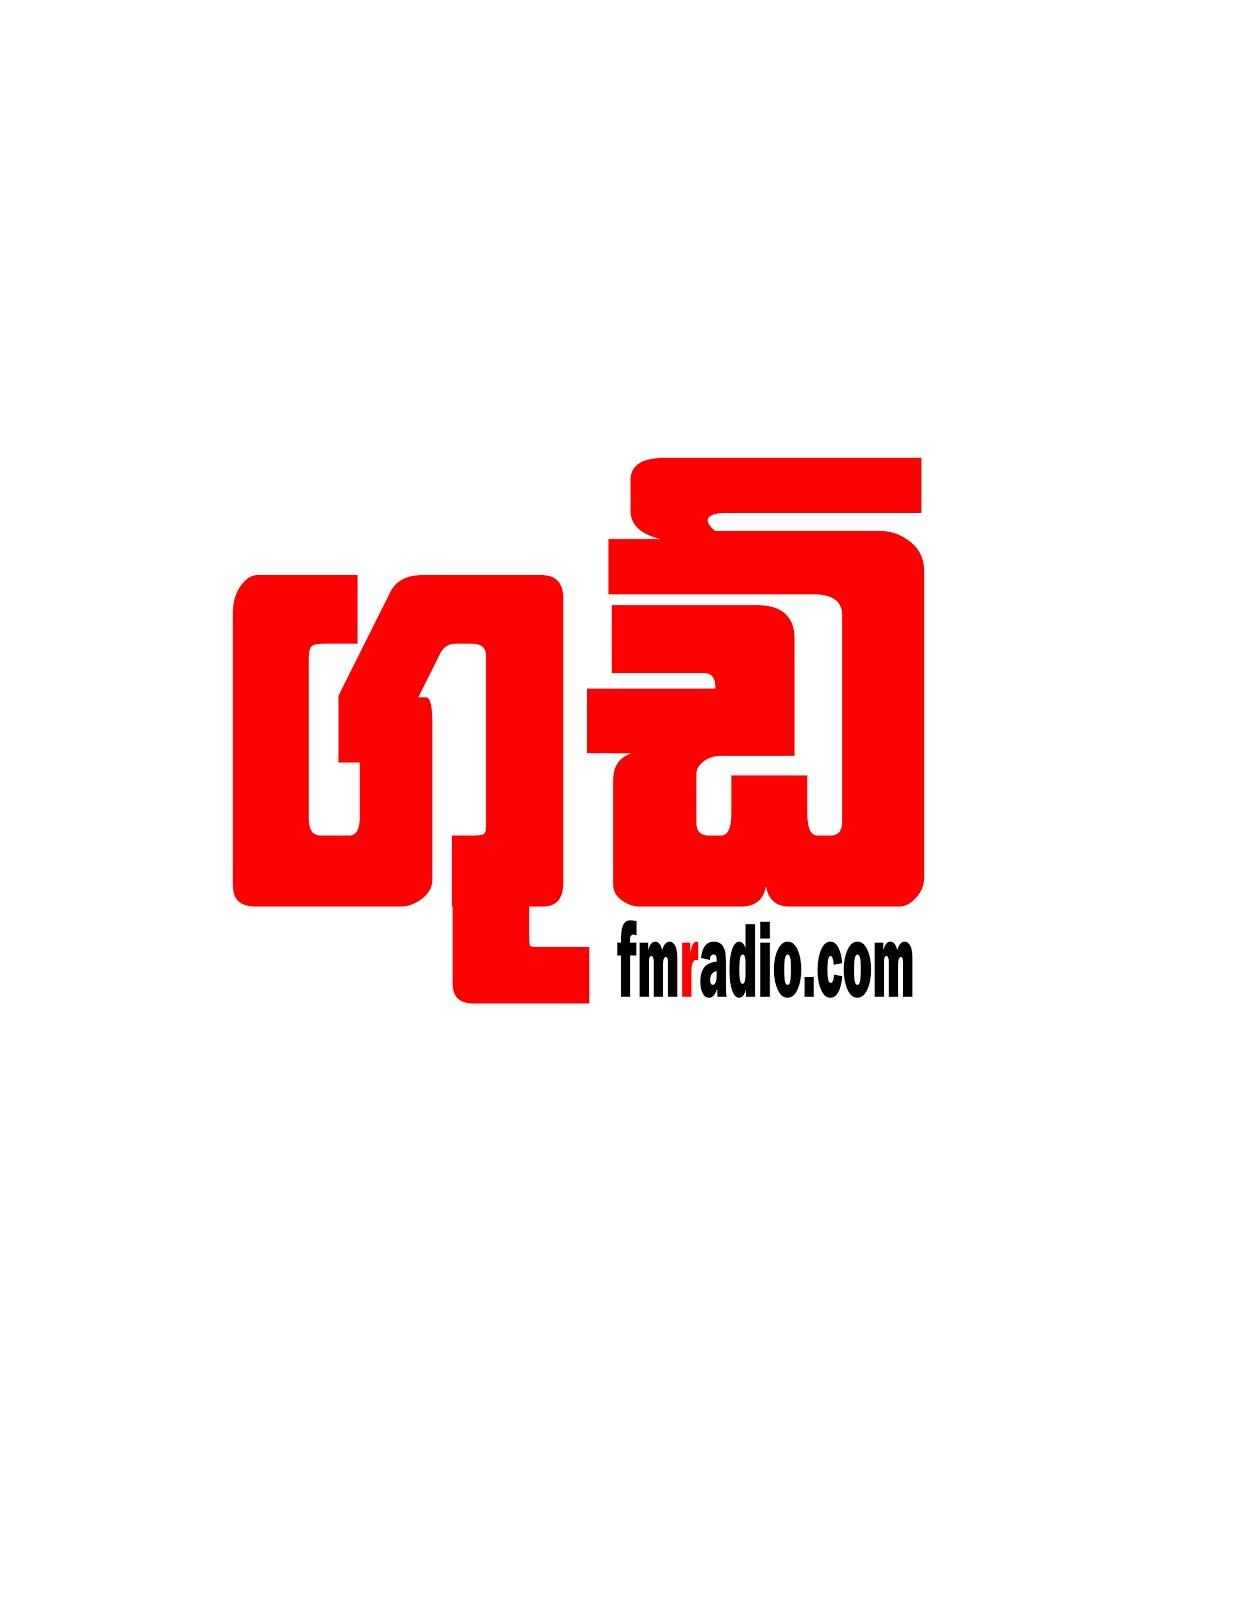 GOOD FM